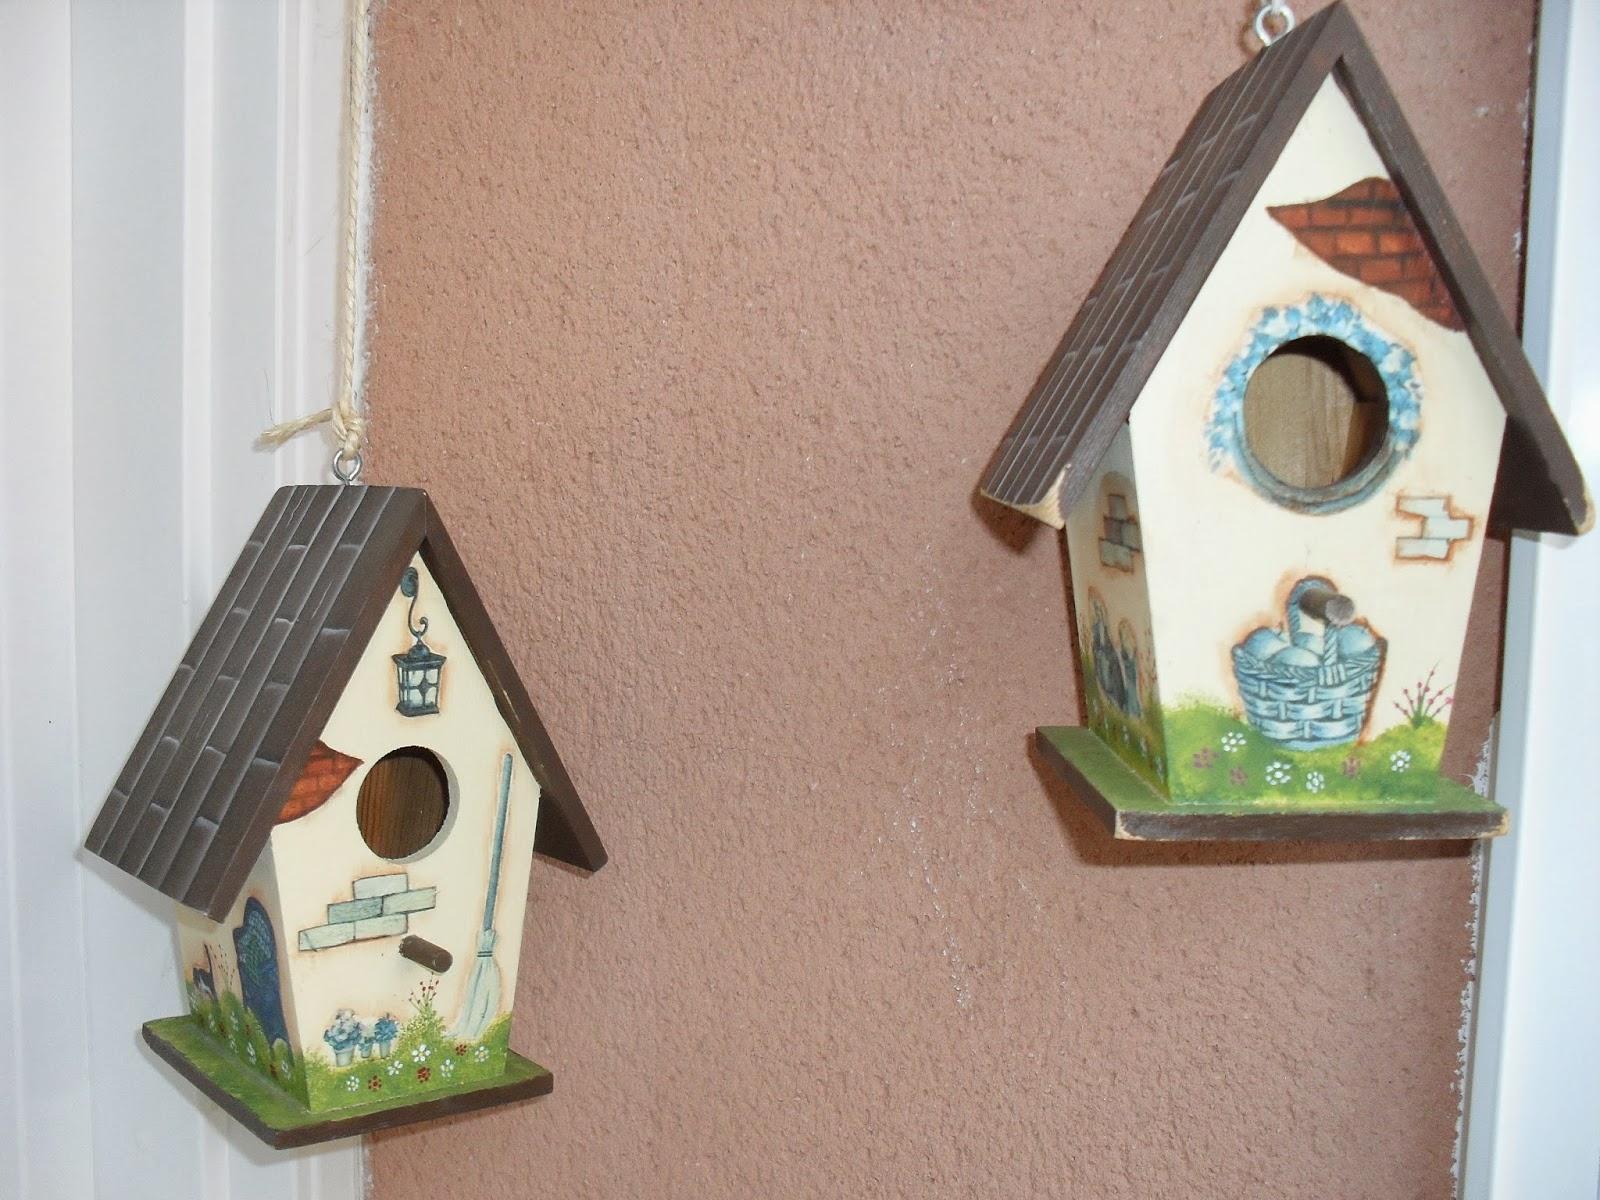 Jo qu bonito casitas de pajaros - Cosas de madera para decorar ...